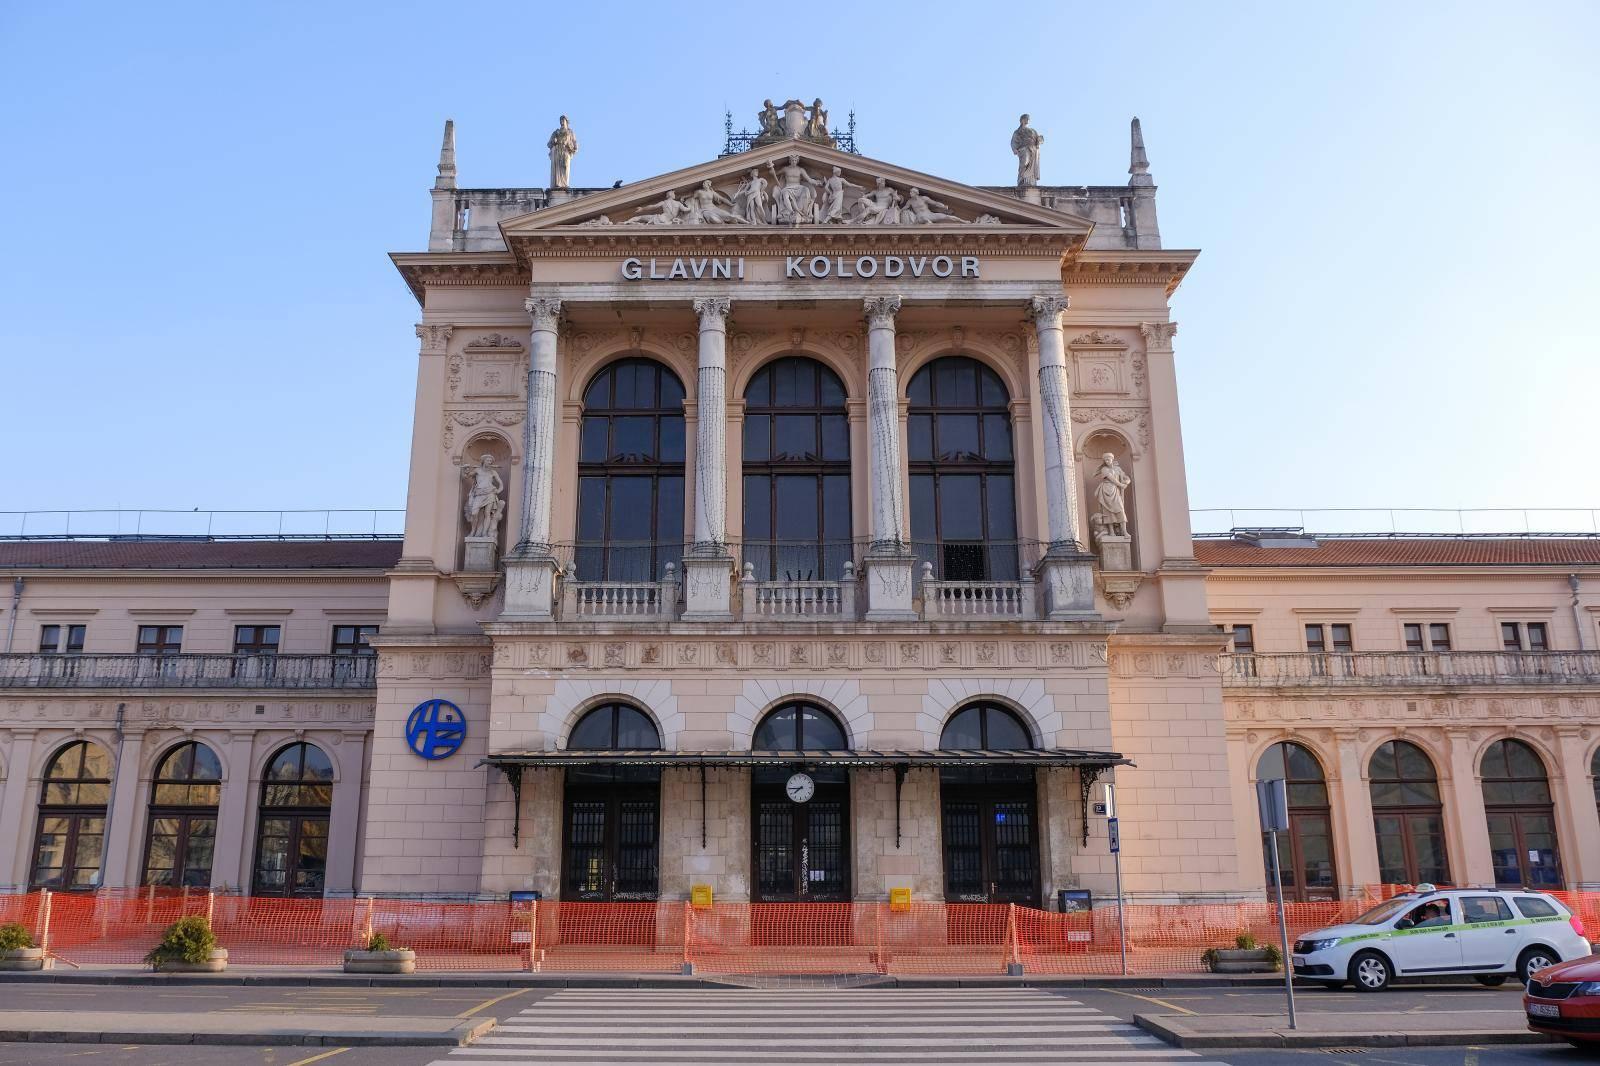 Zagreb: Zbog pandemije Glavni kolodvor potpuno je pust